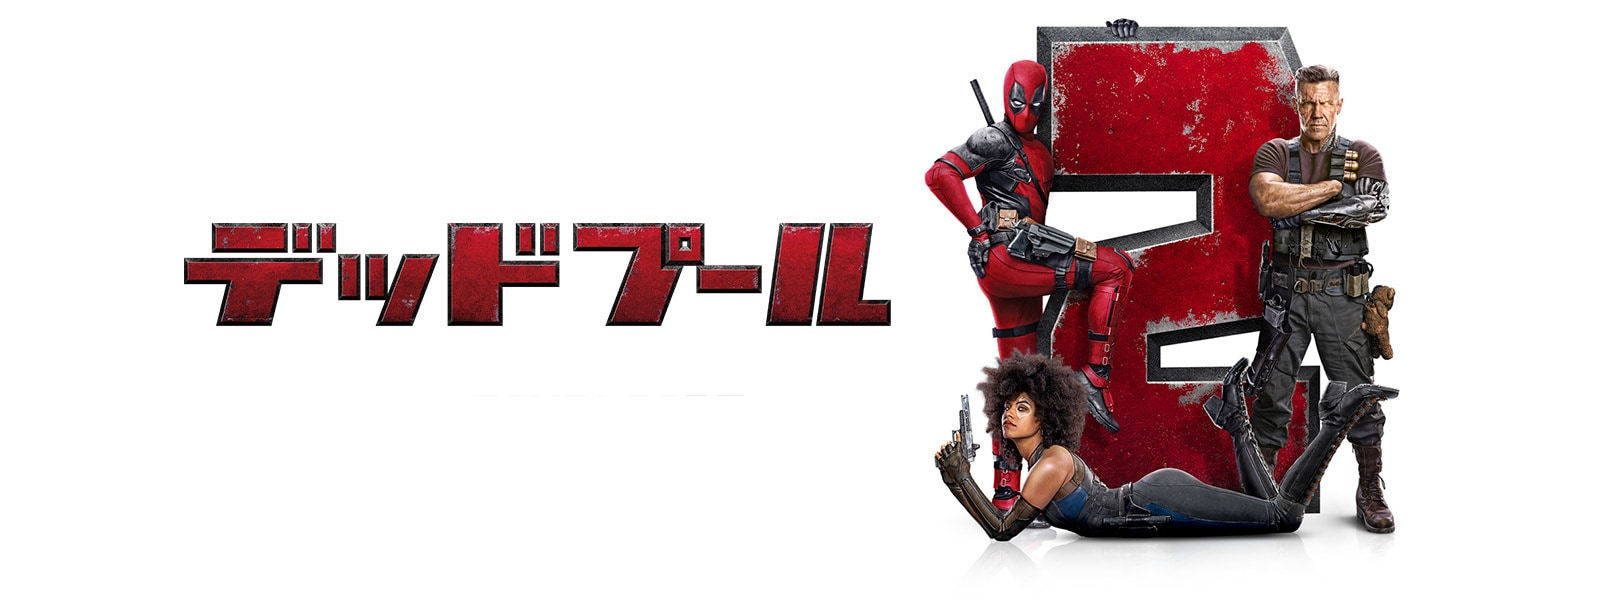 デッドプール2 Deadpool 2 Hero